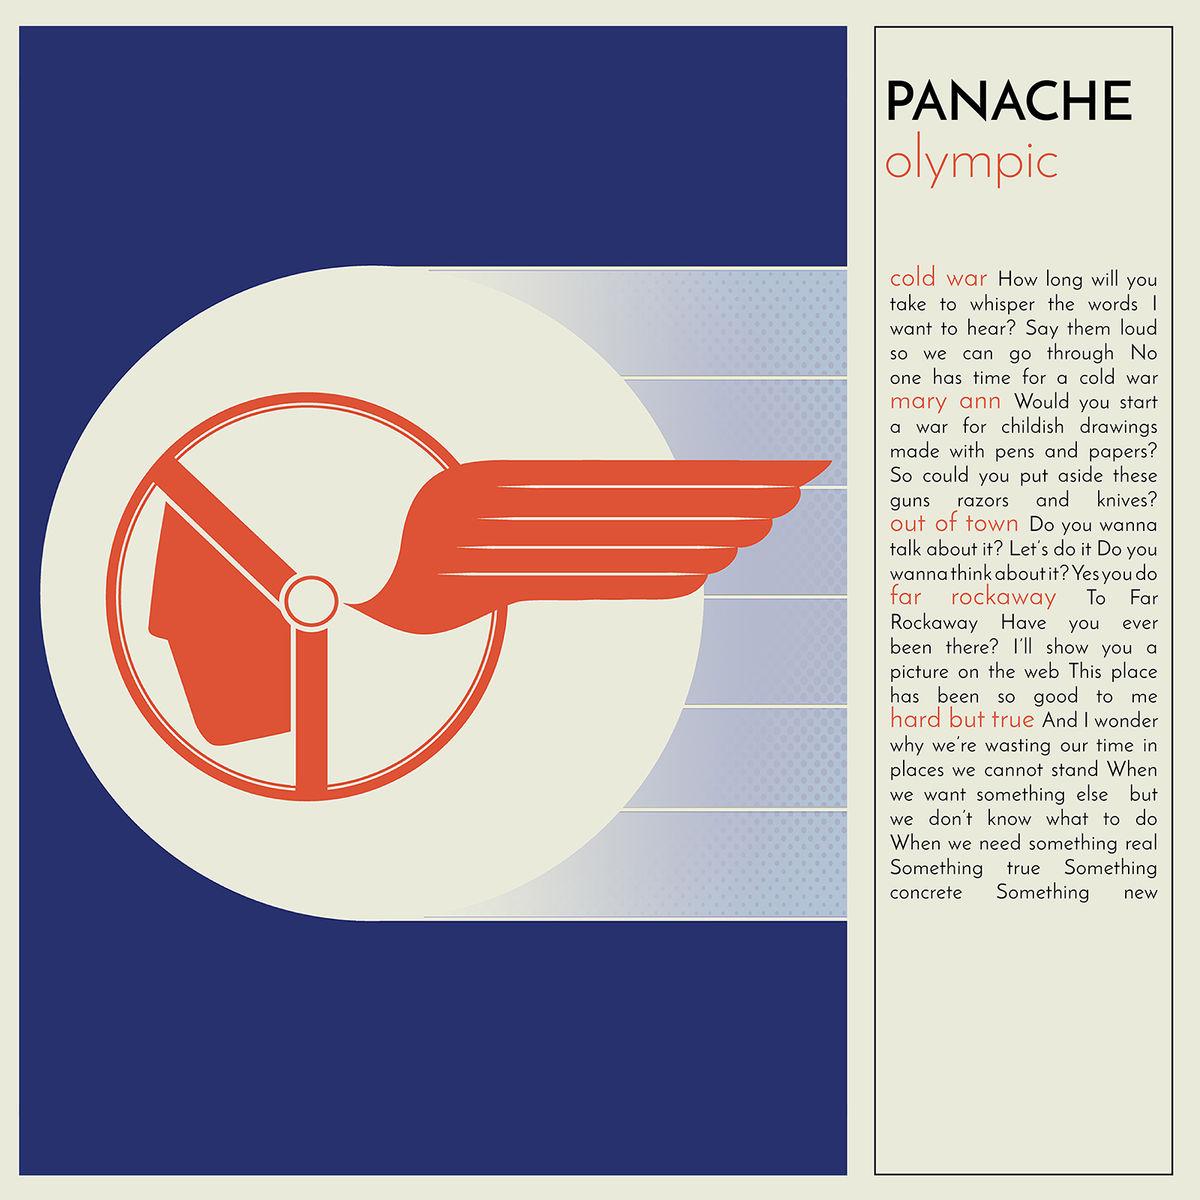 Panache - Olympic